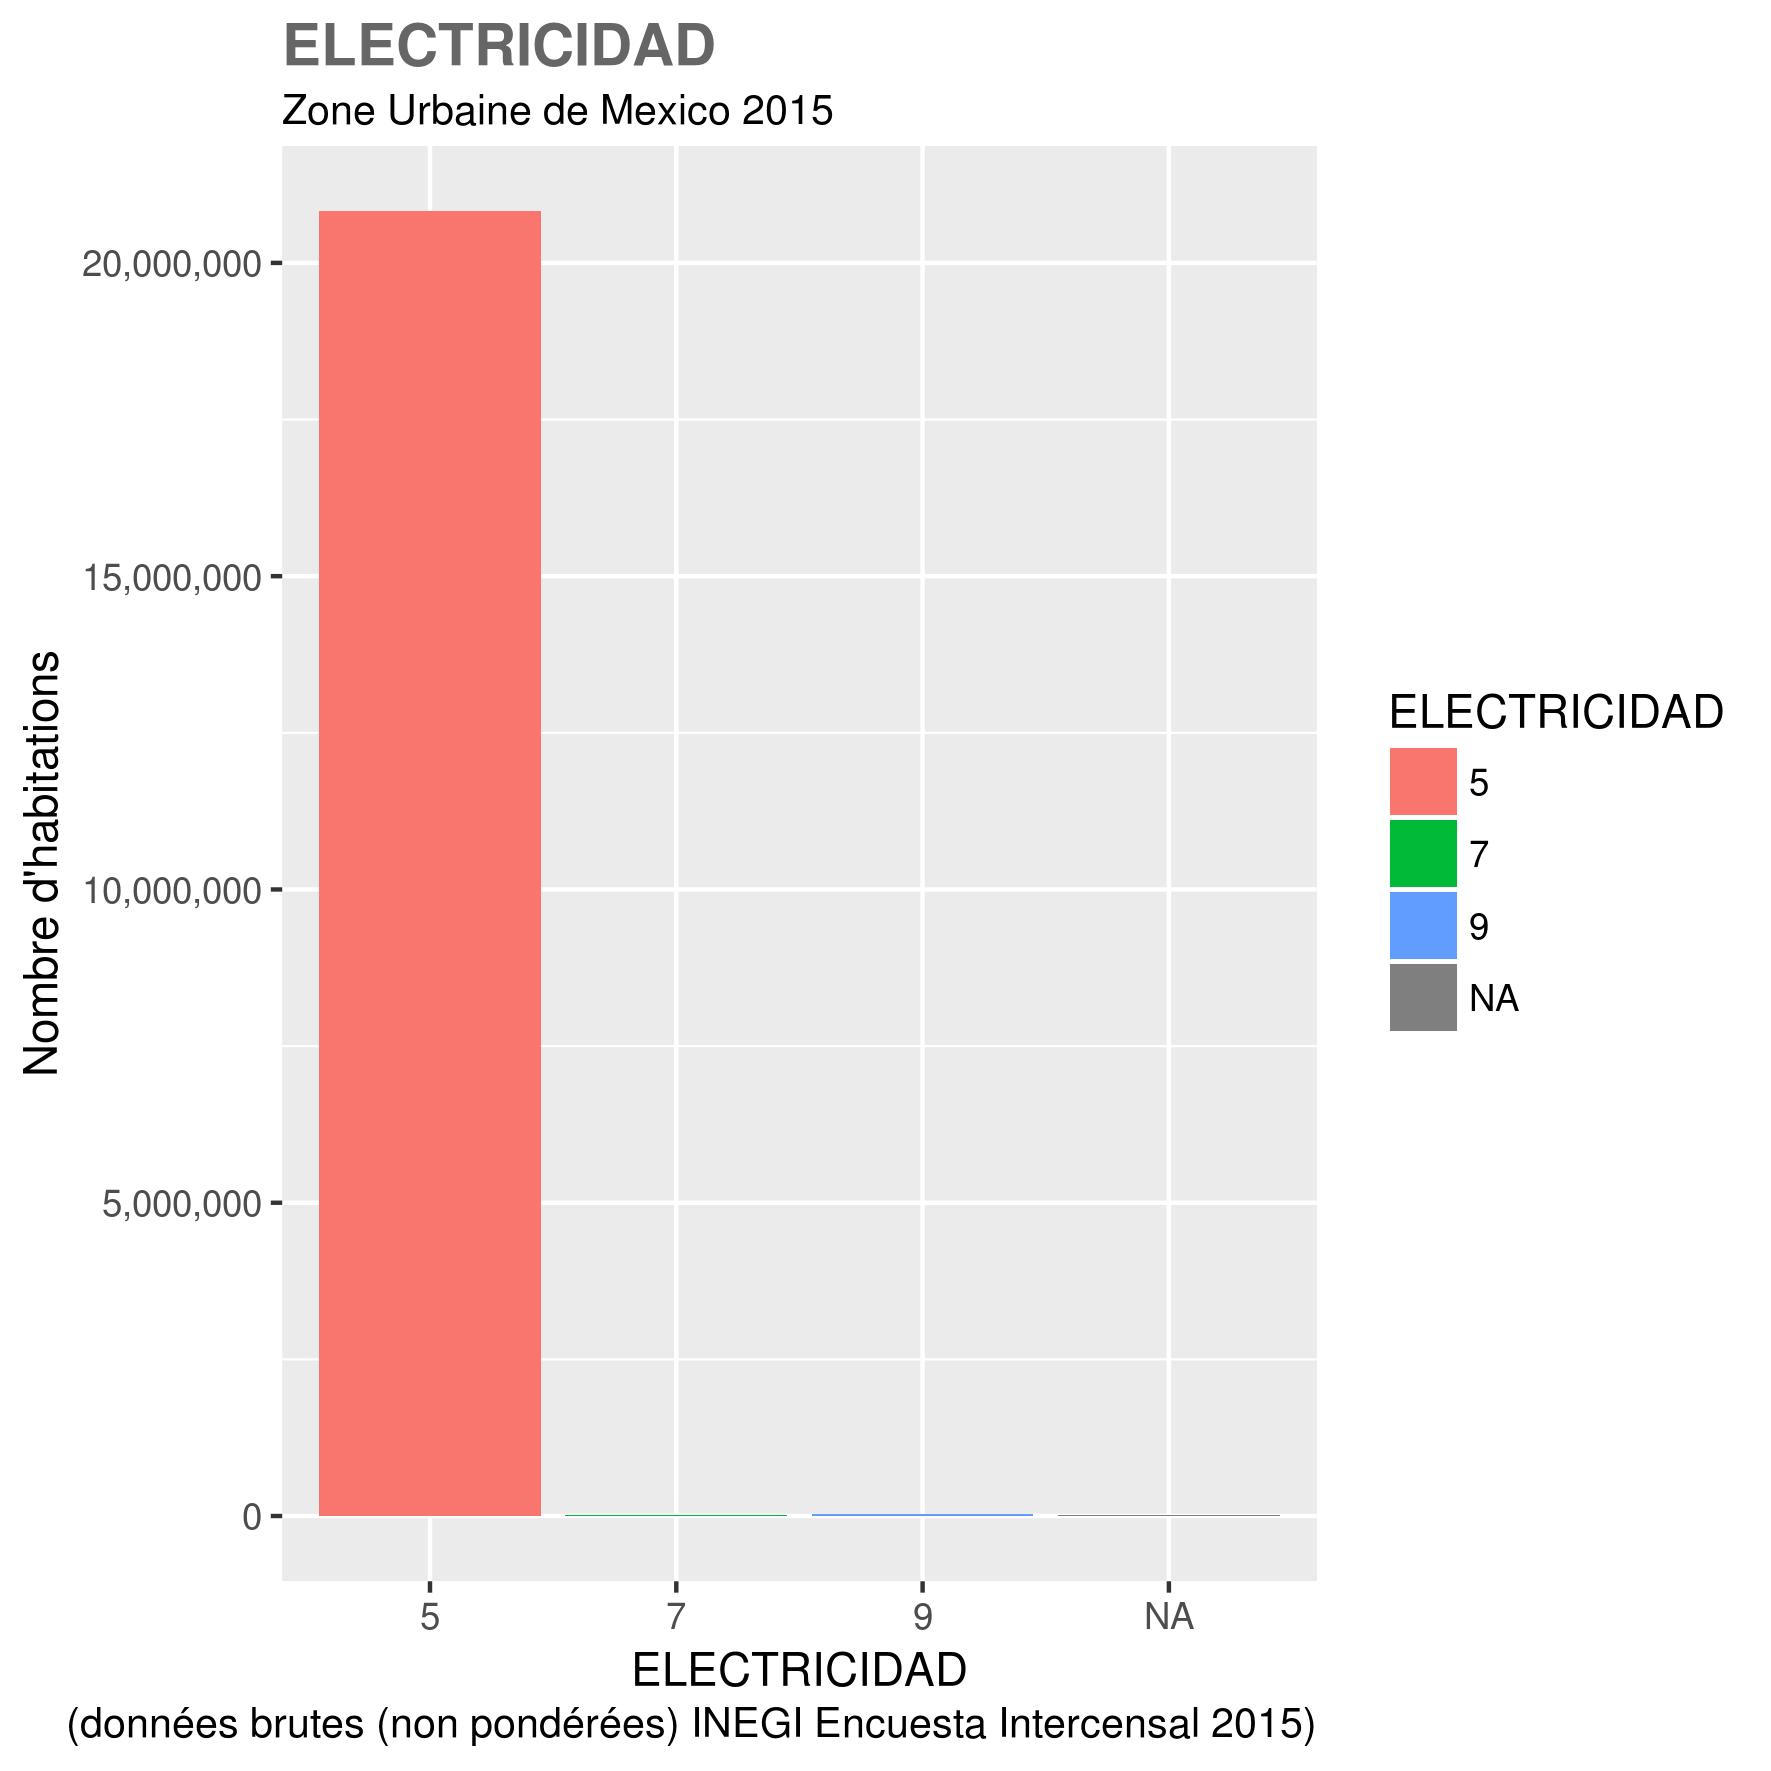 docs/images/ZUM_toutes_variables/2015_ZUM_ELECTRICIDAD.png